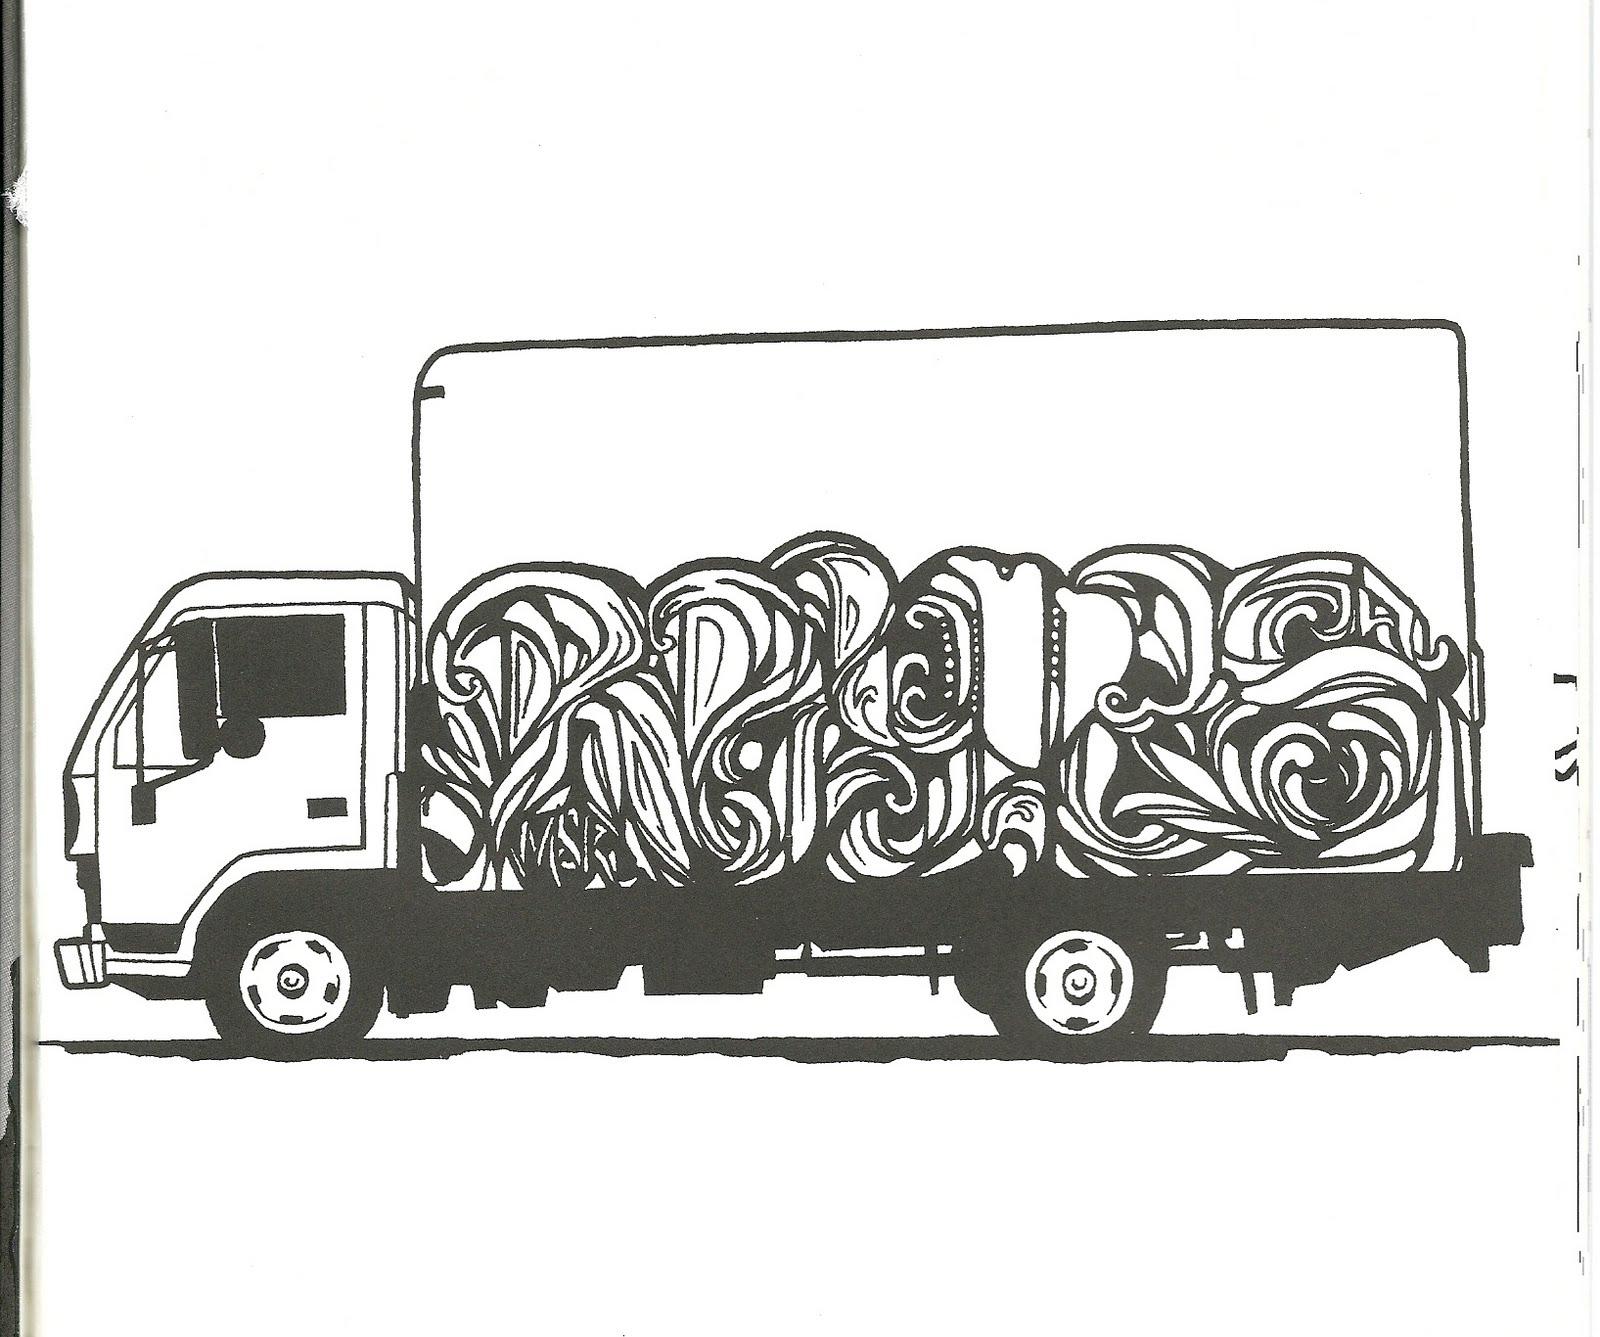 disegni da colorare DISEGNI DA COLORARE STREET ART